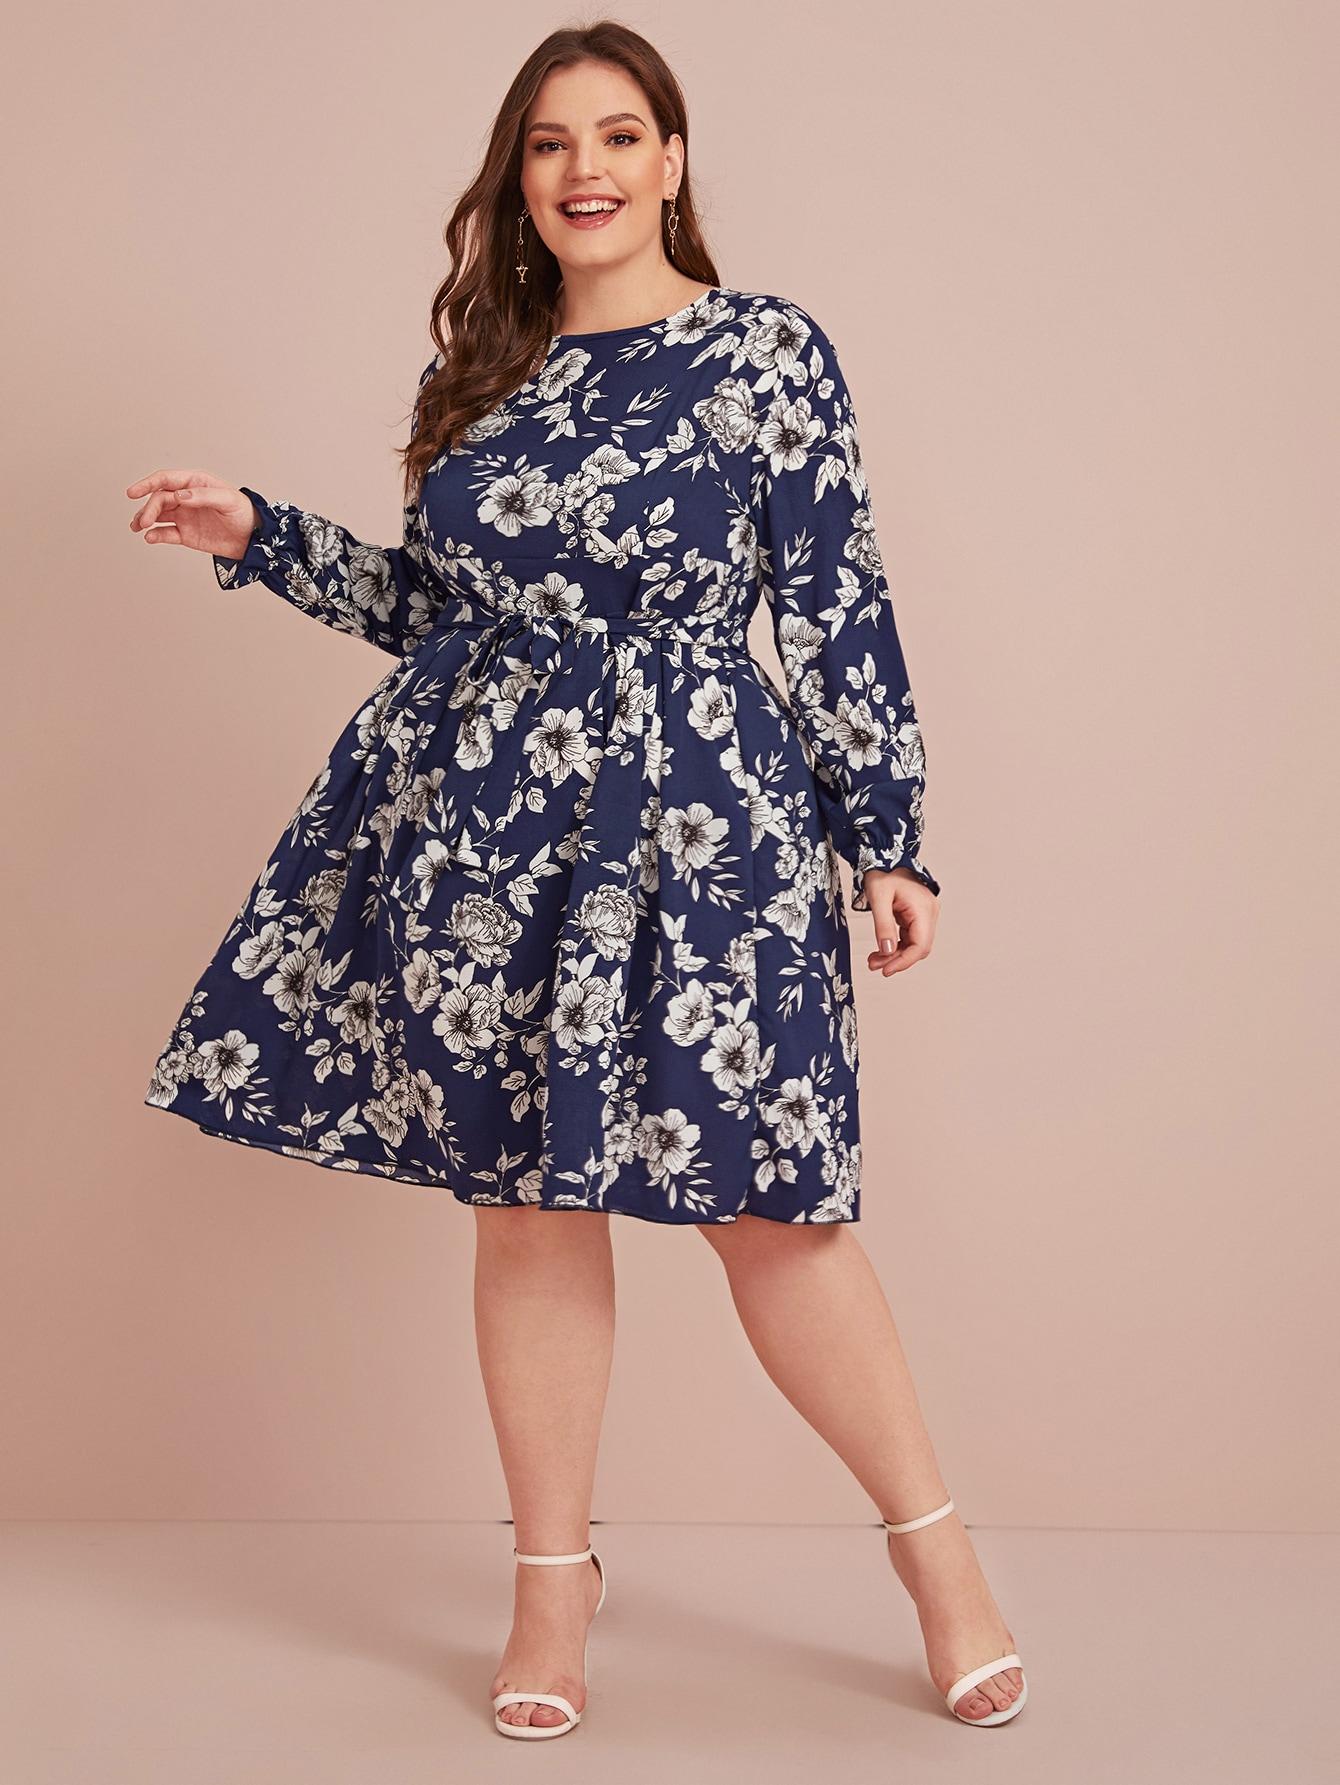 Расклешенное платье с цветочным принтом размера плюс